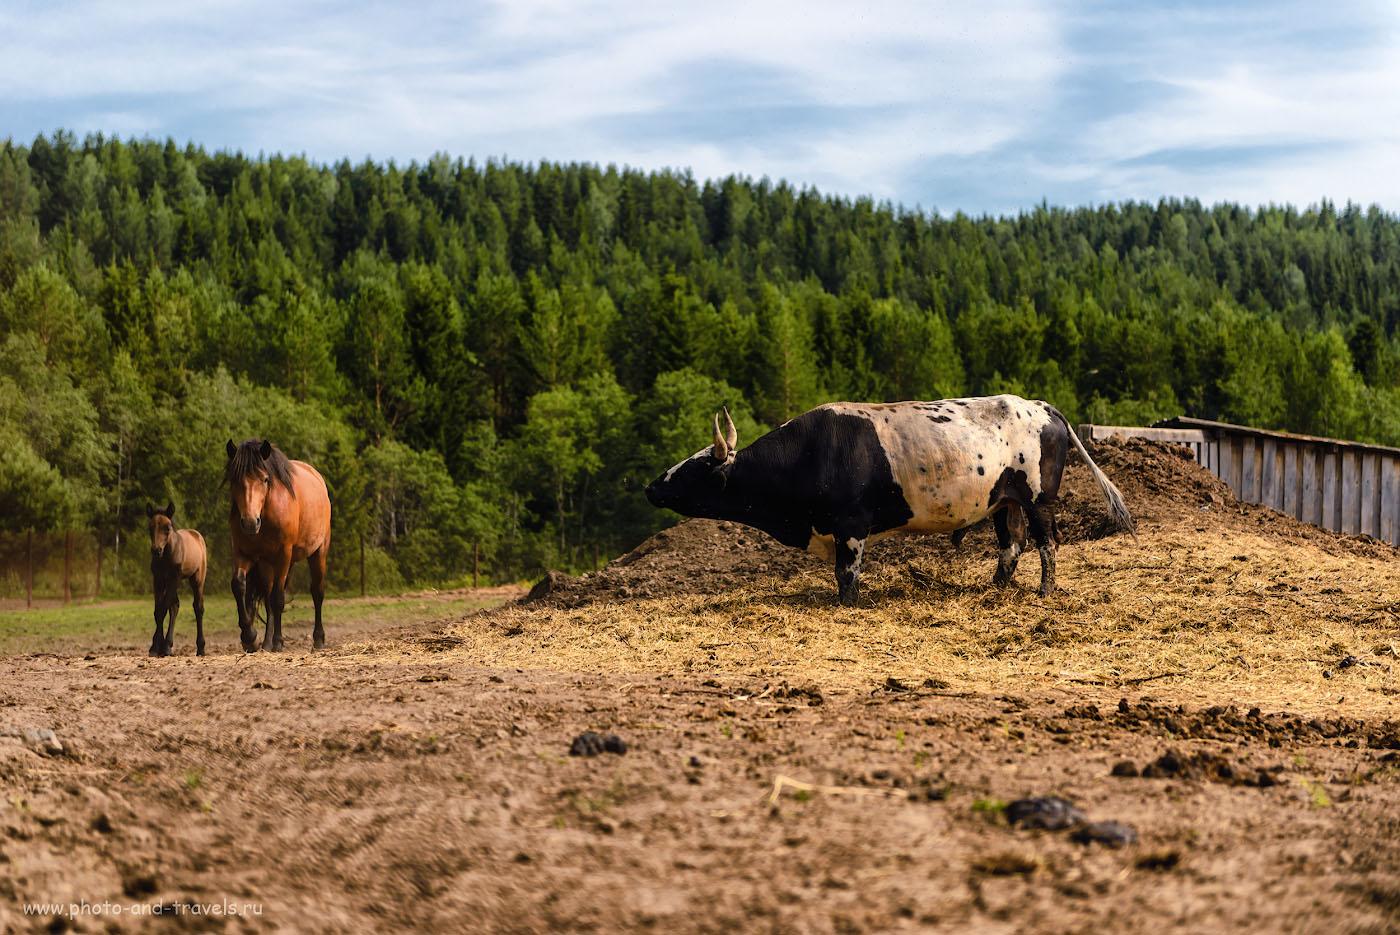 Фотография 7. Представляете, как не повезло лошадкам: жить в одном загоне со свирепым быком! 1/1000, -0.67, 2.8, 100, 70.